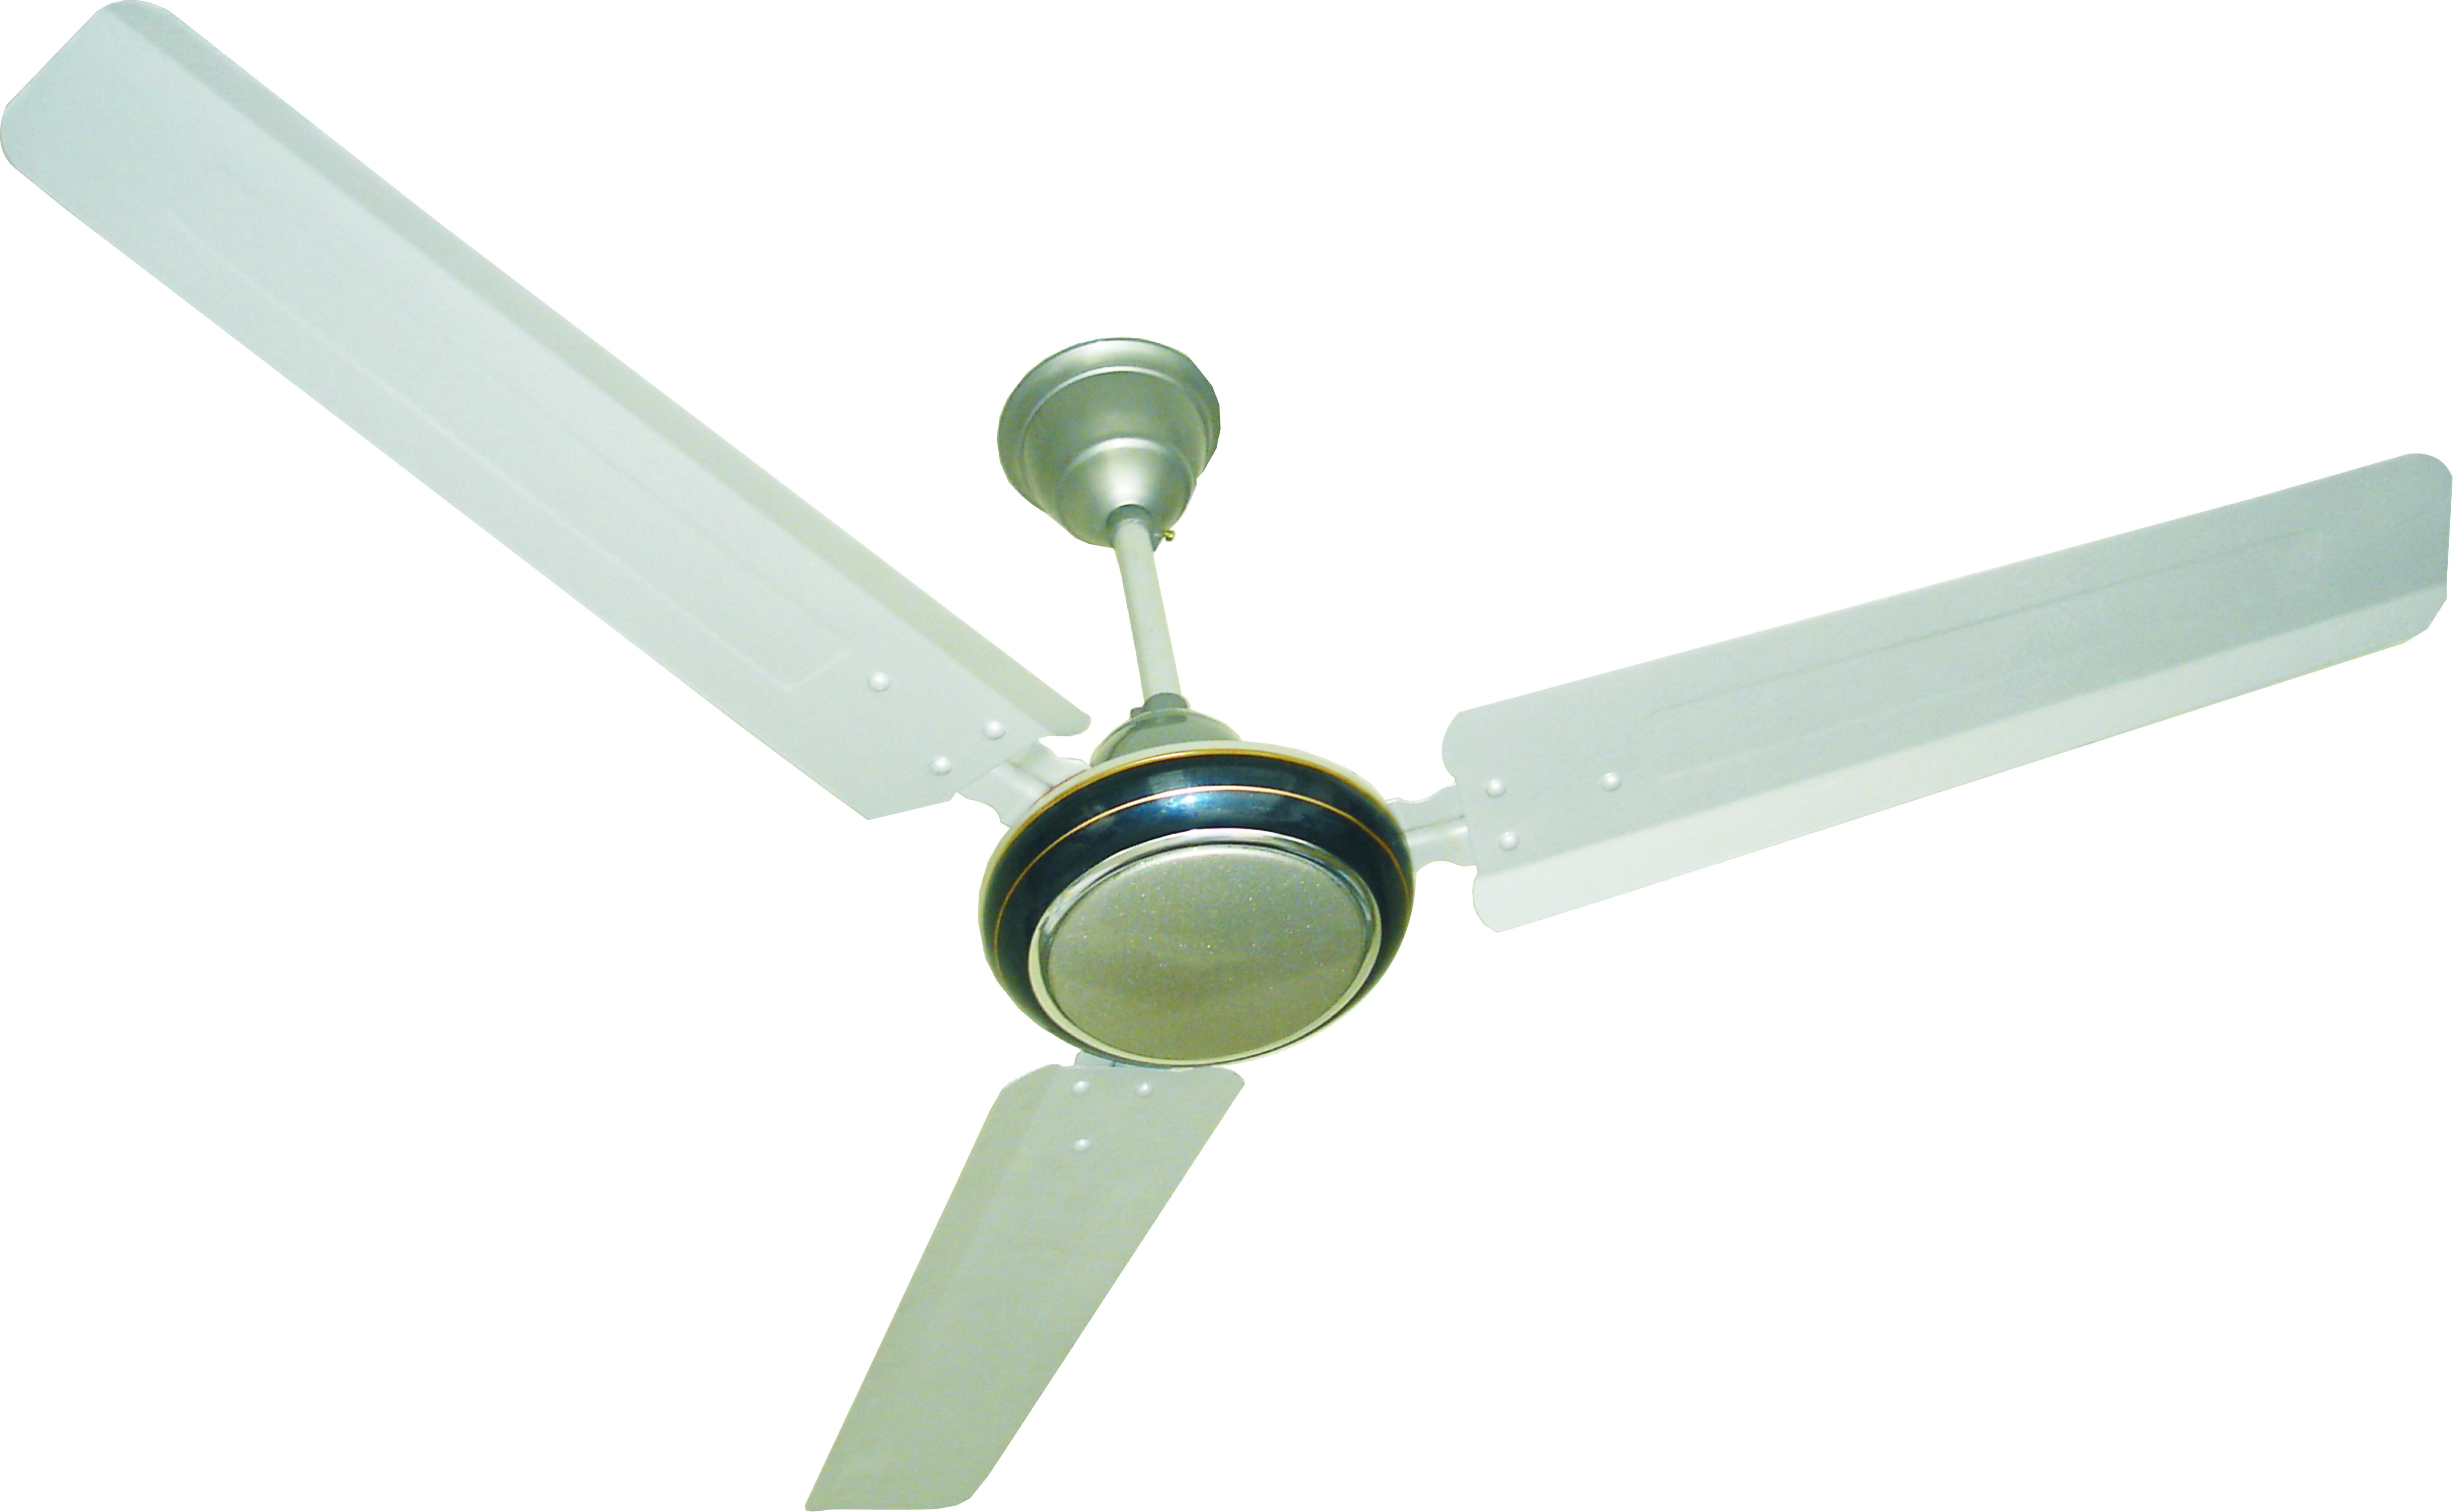 Sameer Ruby n1200 mm blue 3 Blade Ceiling Fan Price in India 05